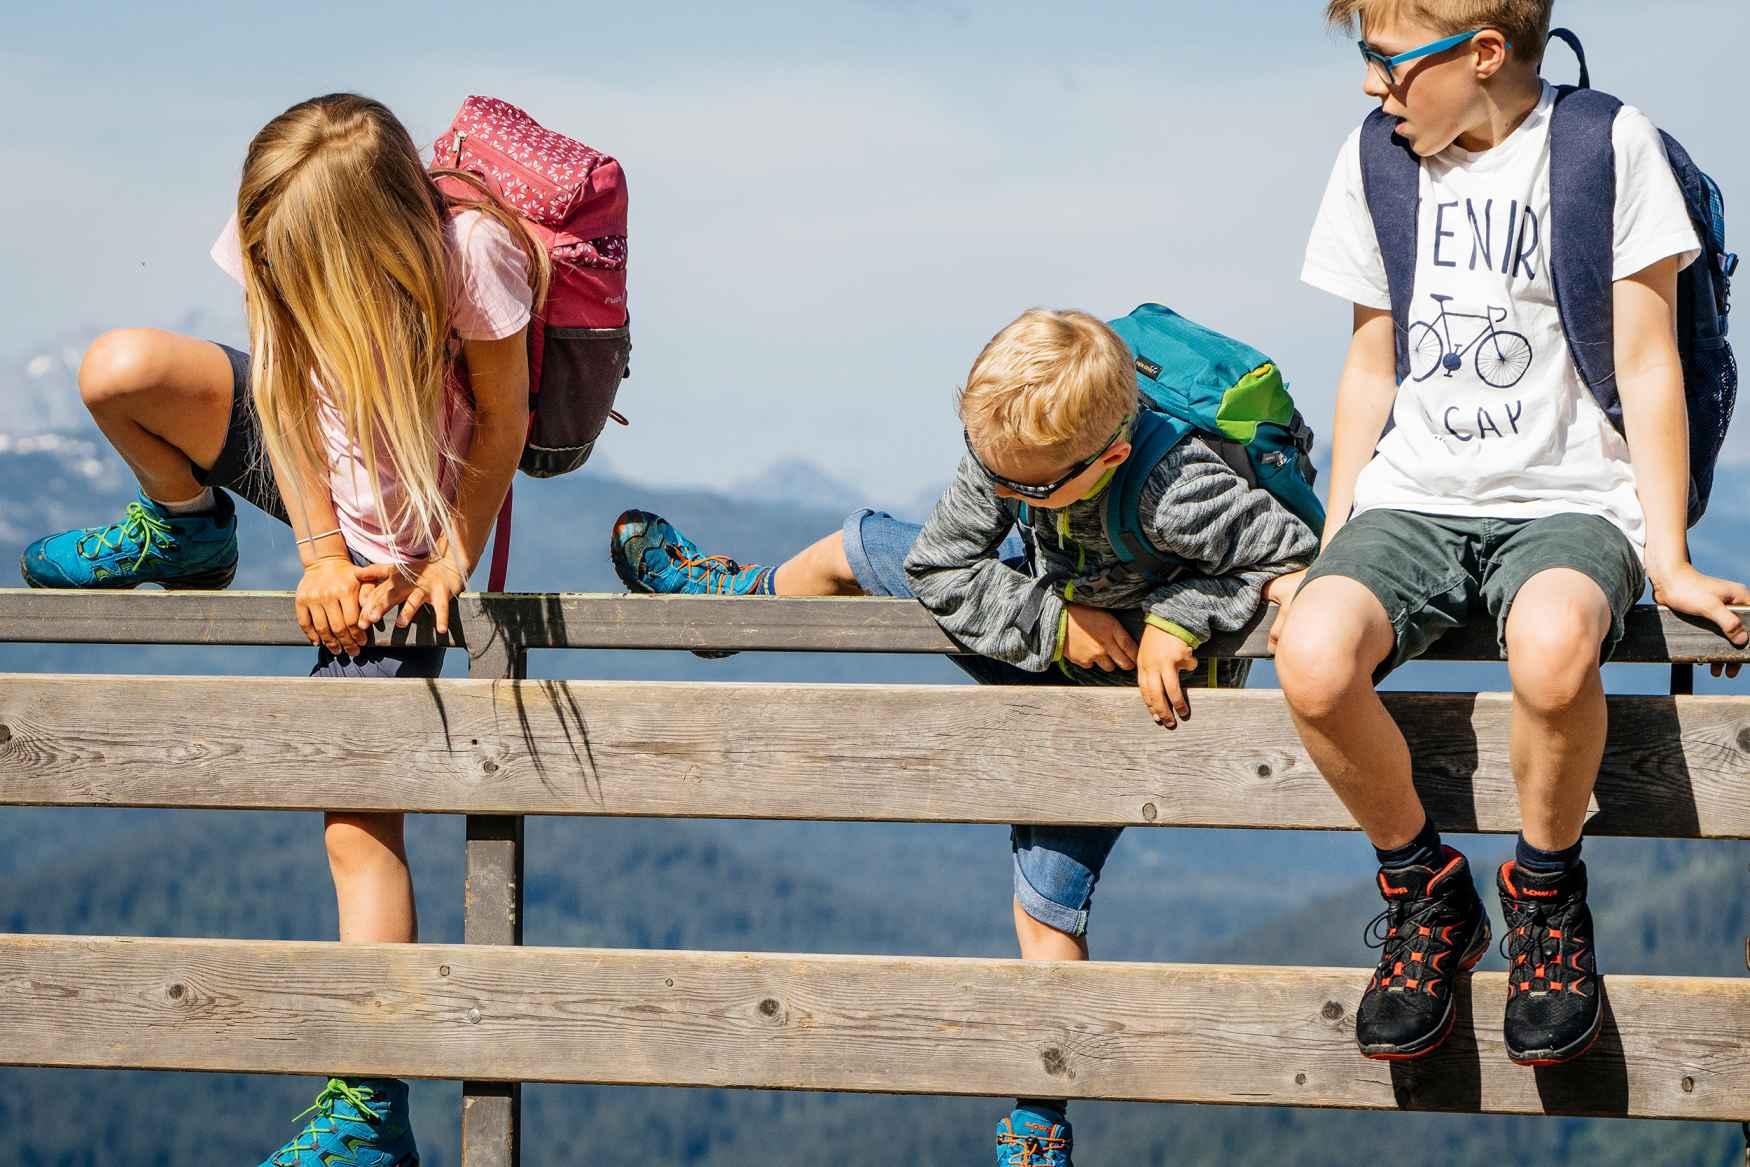 Il suffit d'attacher les lacets Speed Lace en un clin d'œil, et voilà vos enfants partis à l'aventure ! Avec les chaussures MADDOX LO JUNIOR, les petits aventuriers et les amateurs de jeux au grand air seront bien équipés. Grâce à une semelle intermédiaire en DynaPU® LOWA, ce modèle offre un excellent amorti, et sa tige en toile est très respirante pour les chaudes journées d'été.